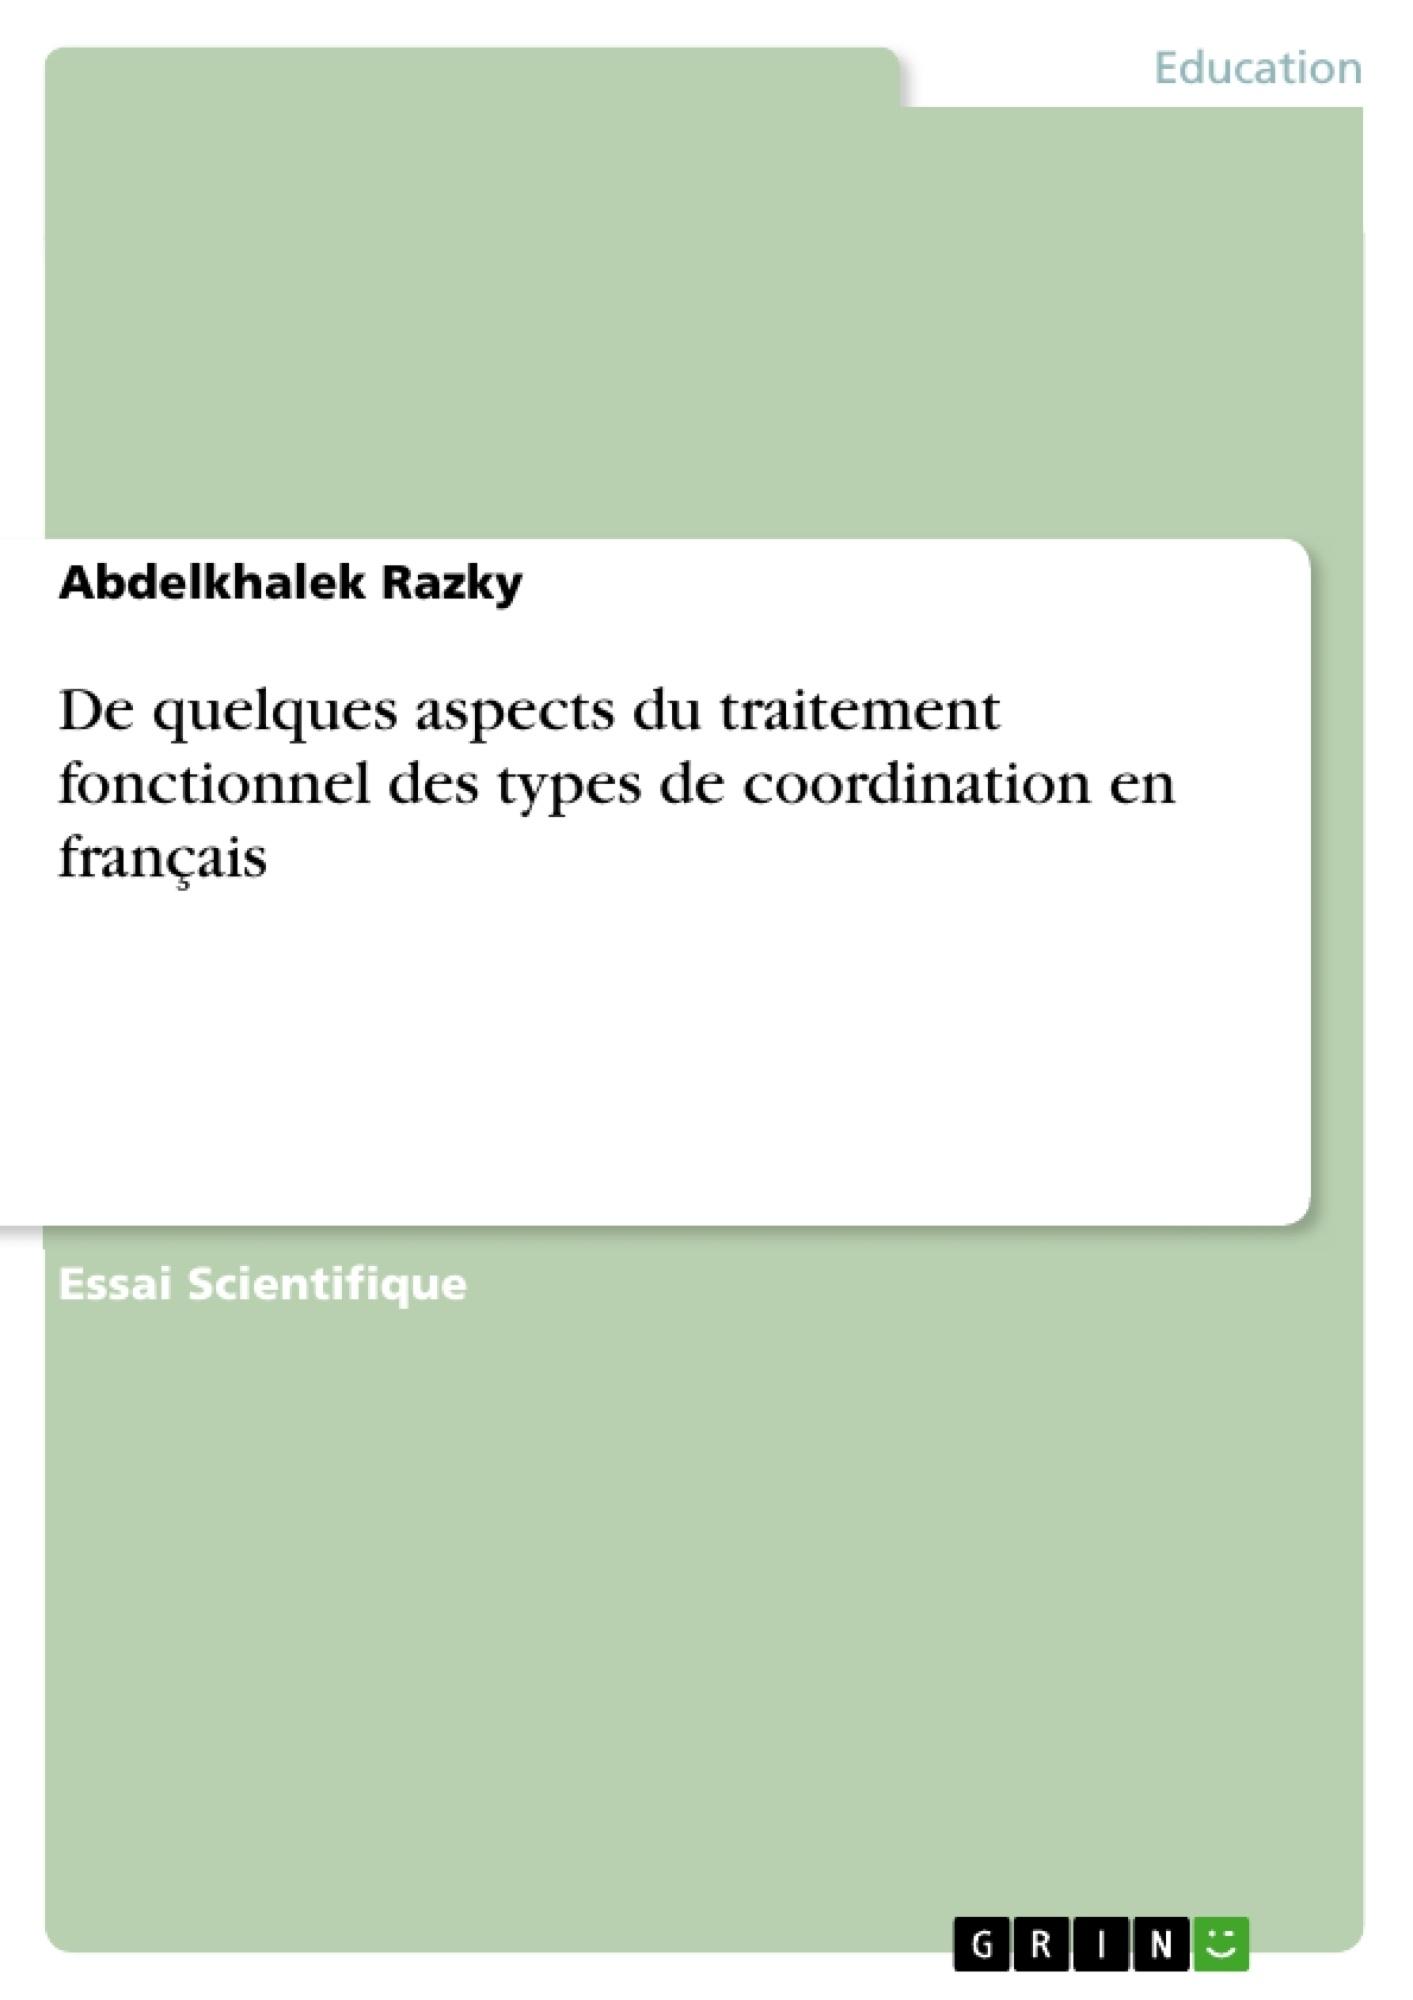 Titre: De quelques aspects du traitement fonctionnel des types de coordination en français